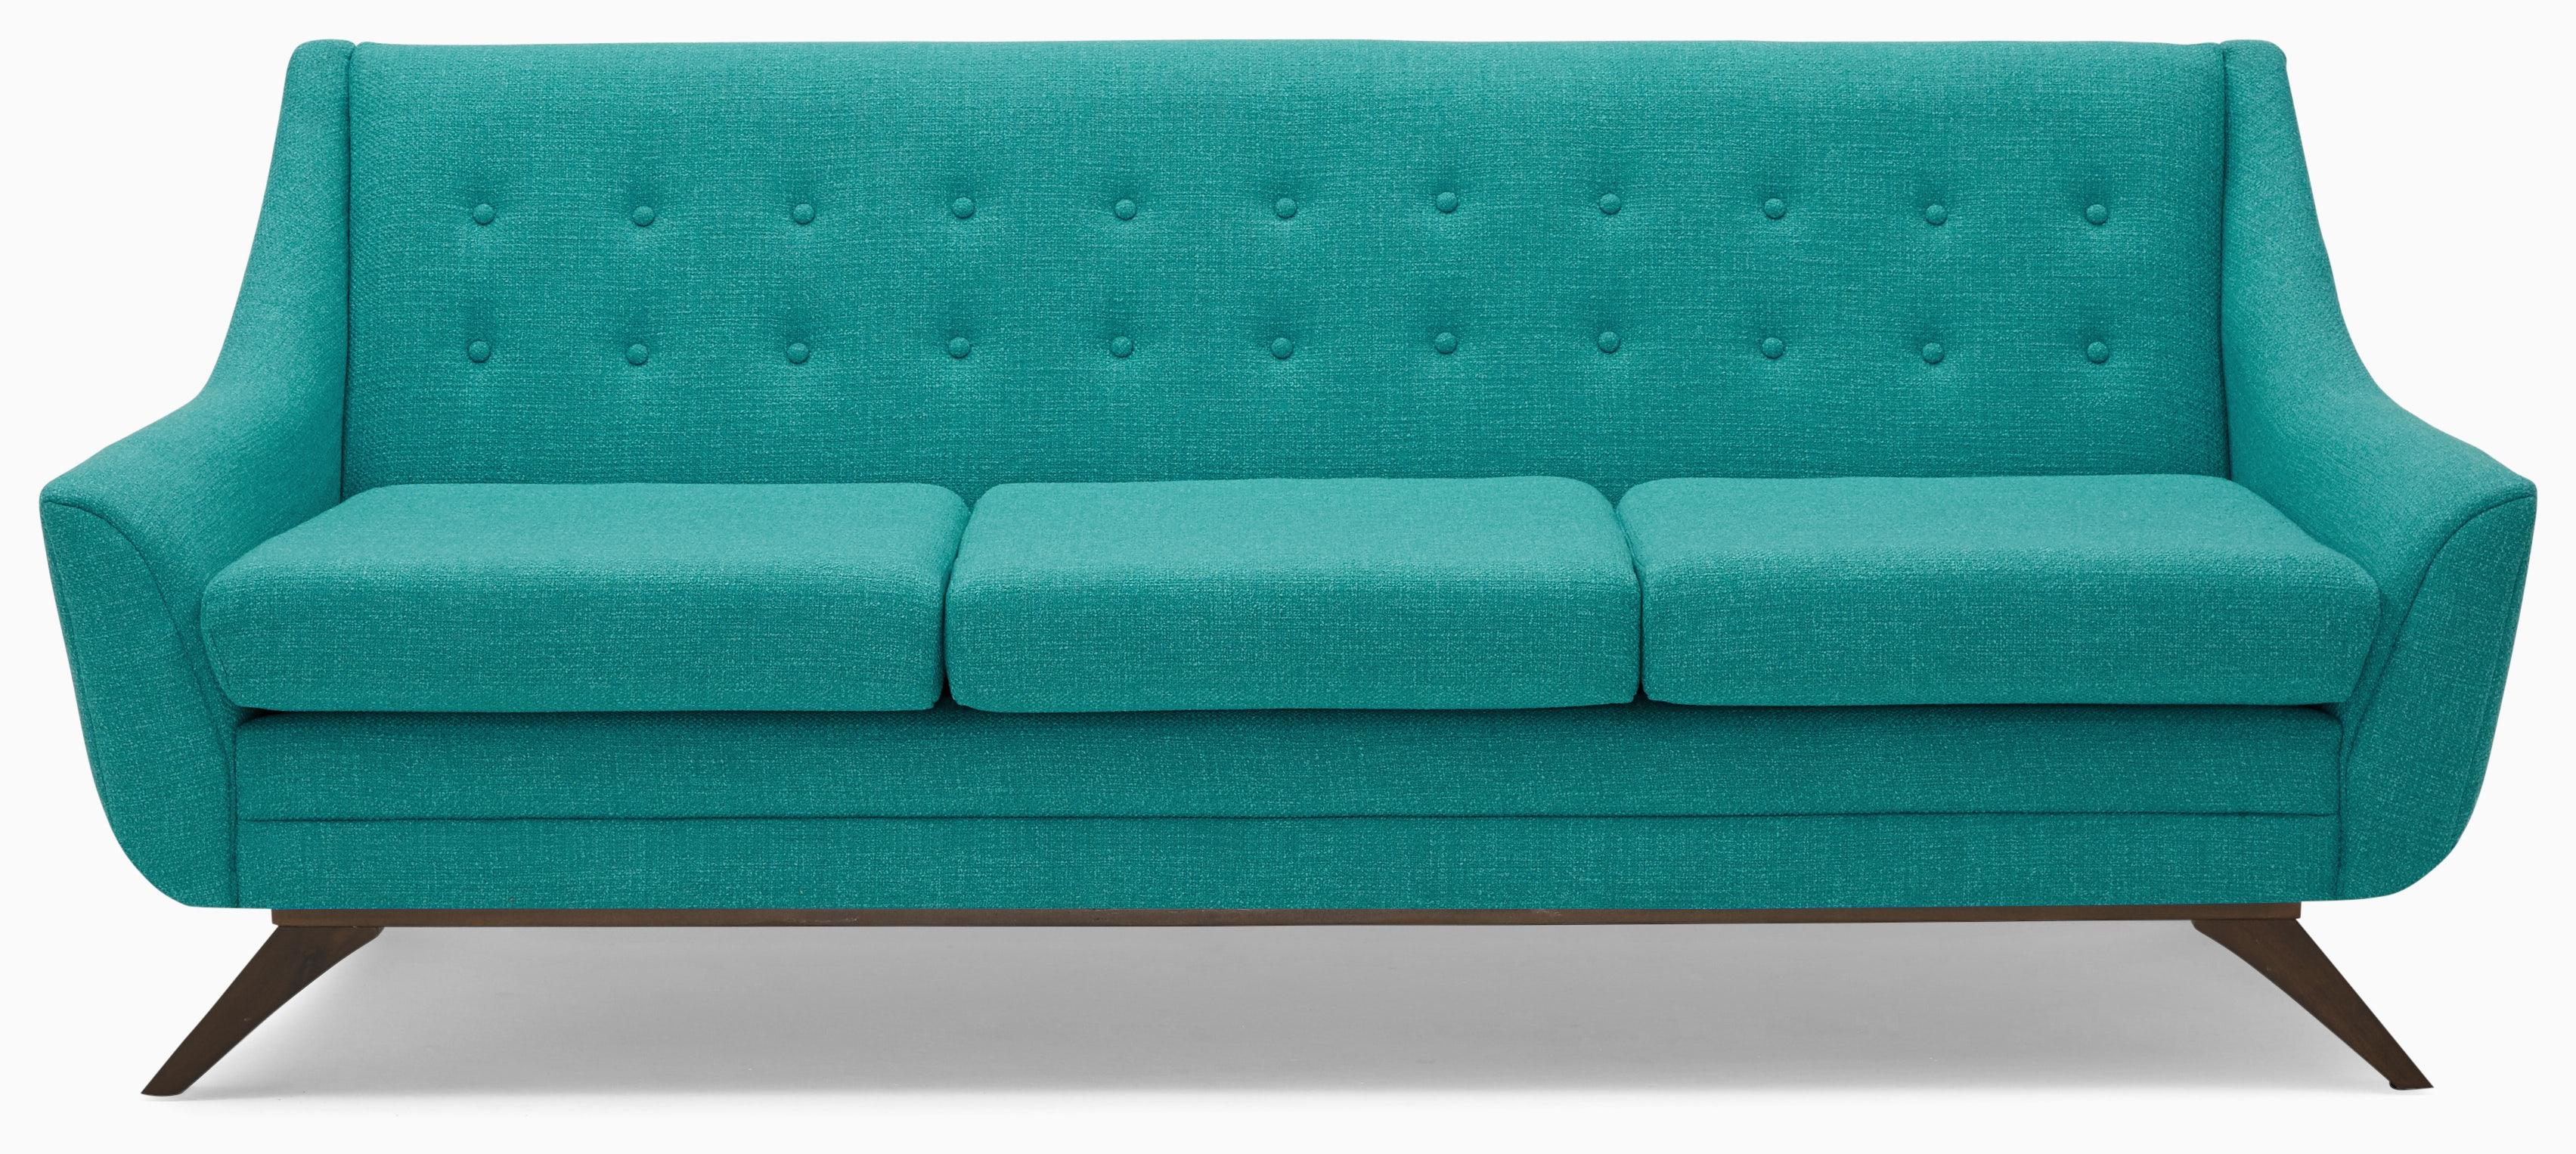 aubrey sofa vibe aquatic